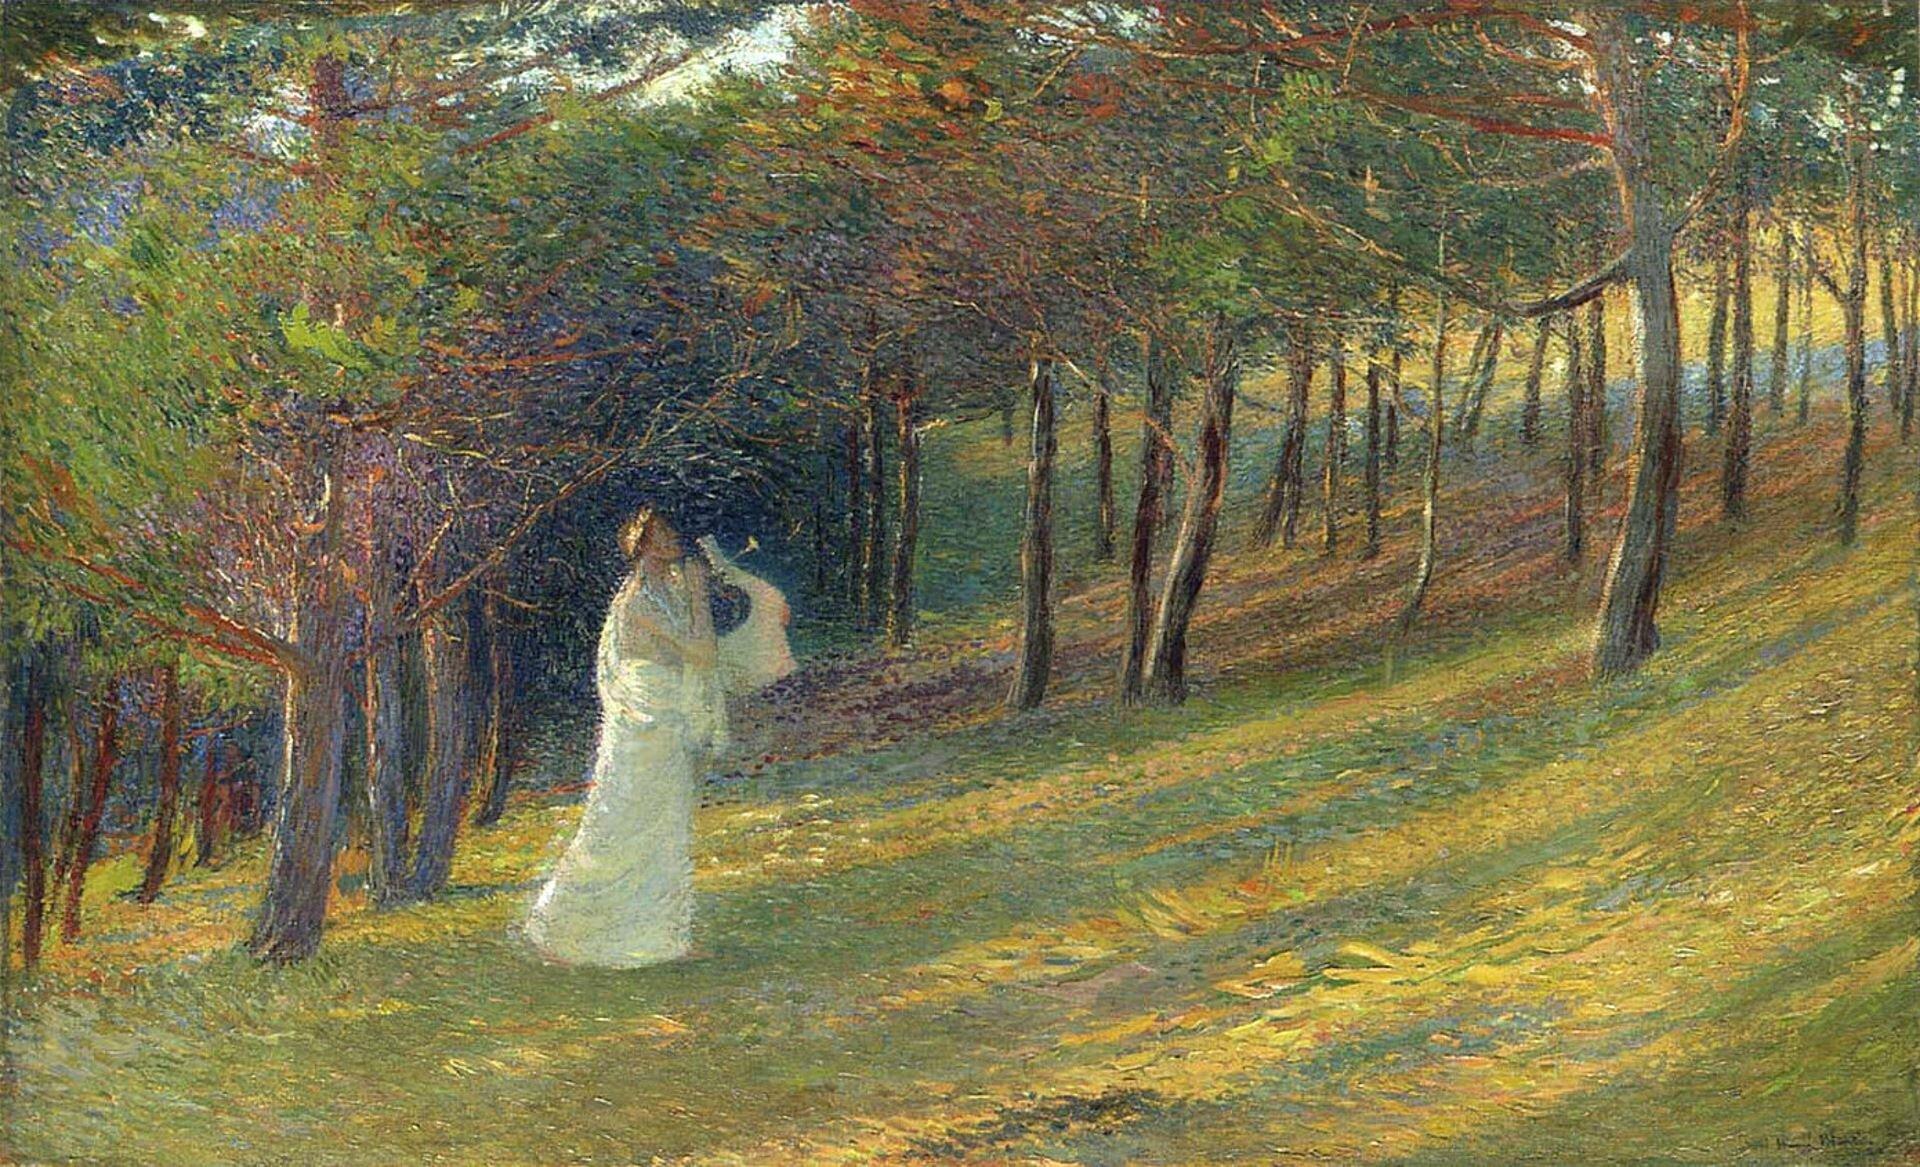 """lustracja przedstawia obraz Henri-Jean Guillaume Martina pt. """"Orfeusz wlesie"""". Wcentrum obrazu na leśnej polanie stoi mężczyzna wbiałych szatach; gra na lirze. Wokół rosną drzewa. Na polanę pada rozproszone światło słoneczne."""